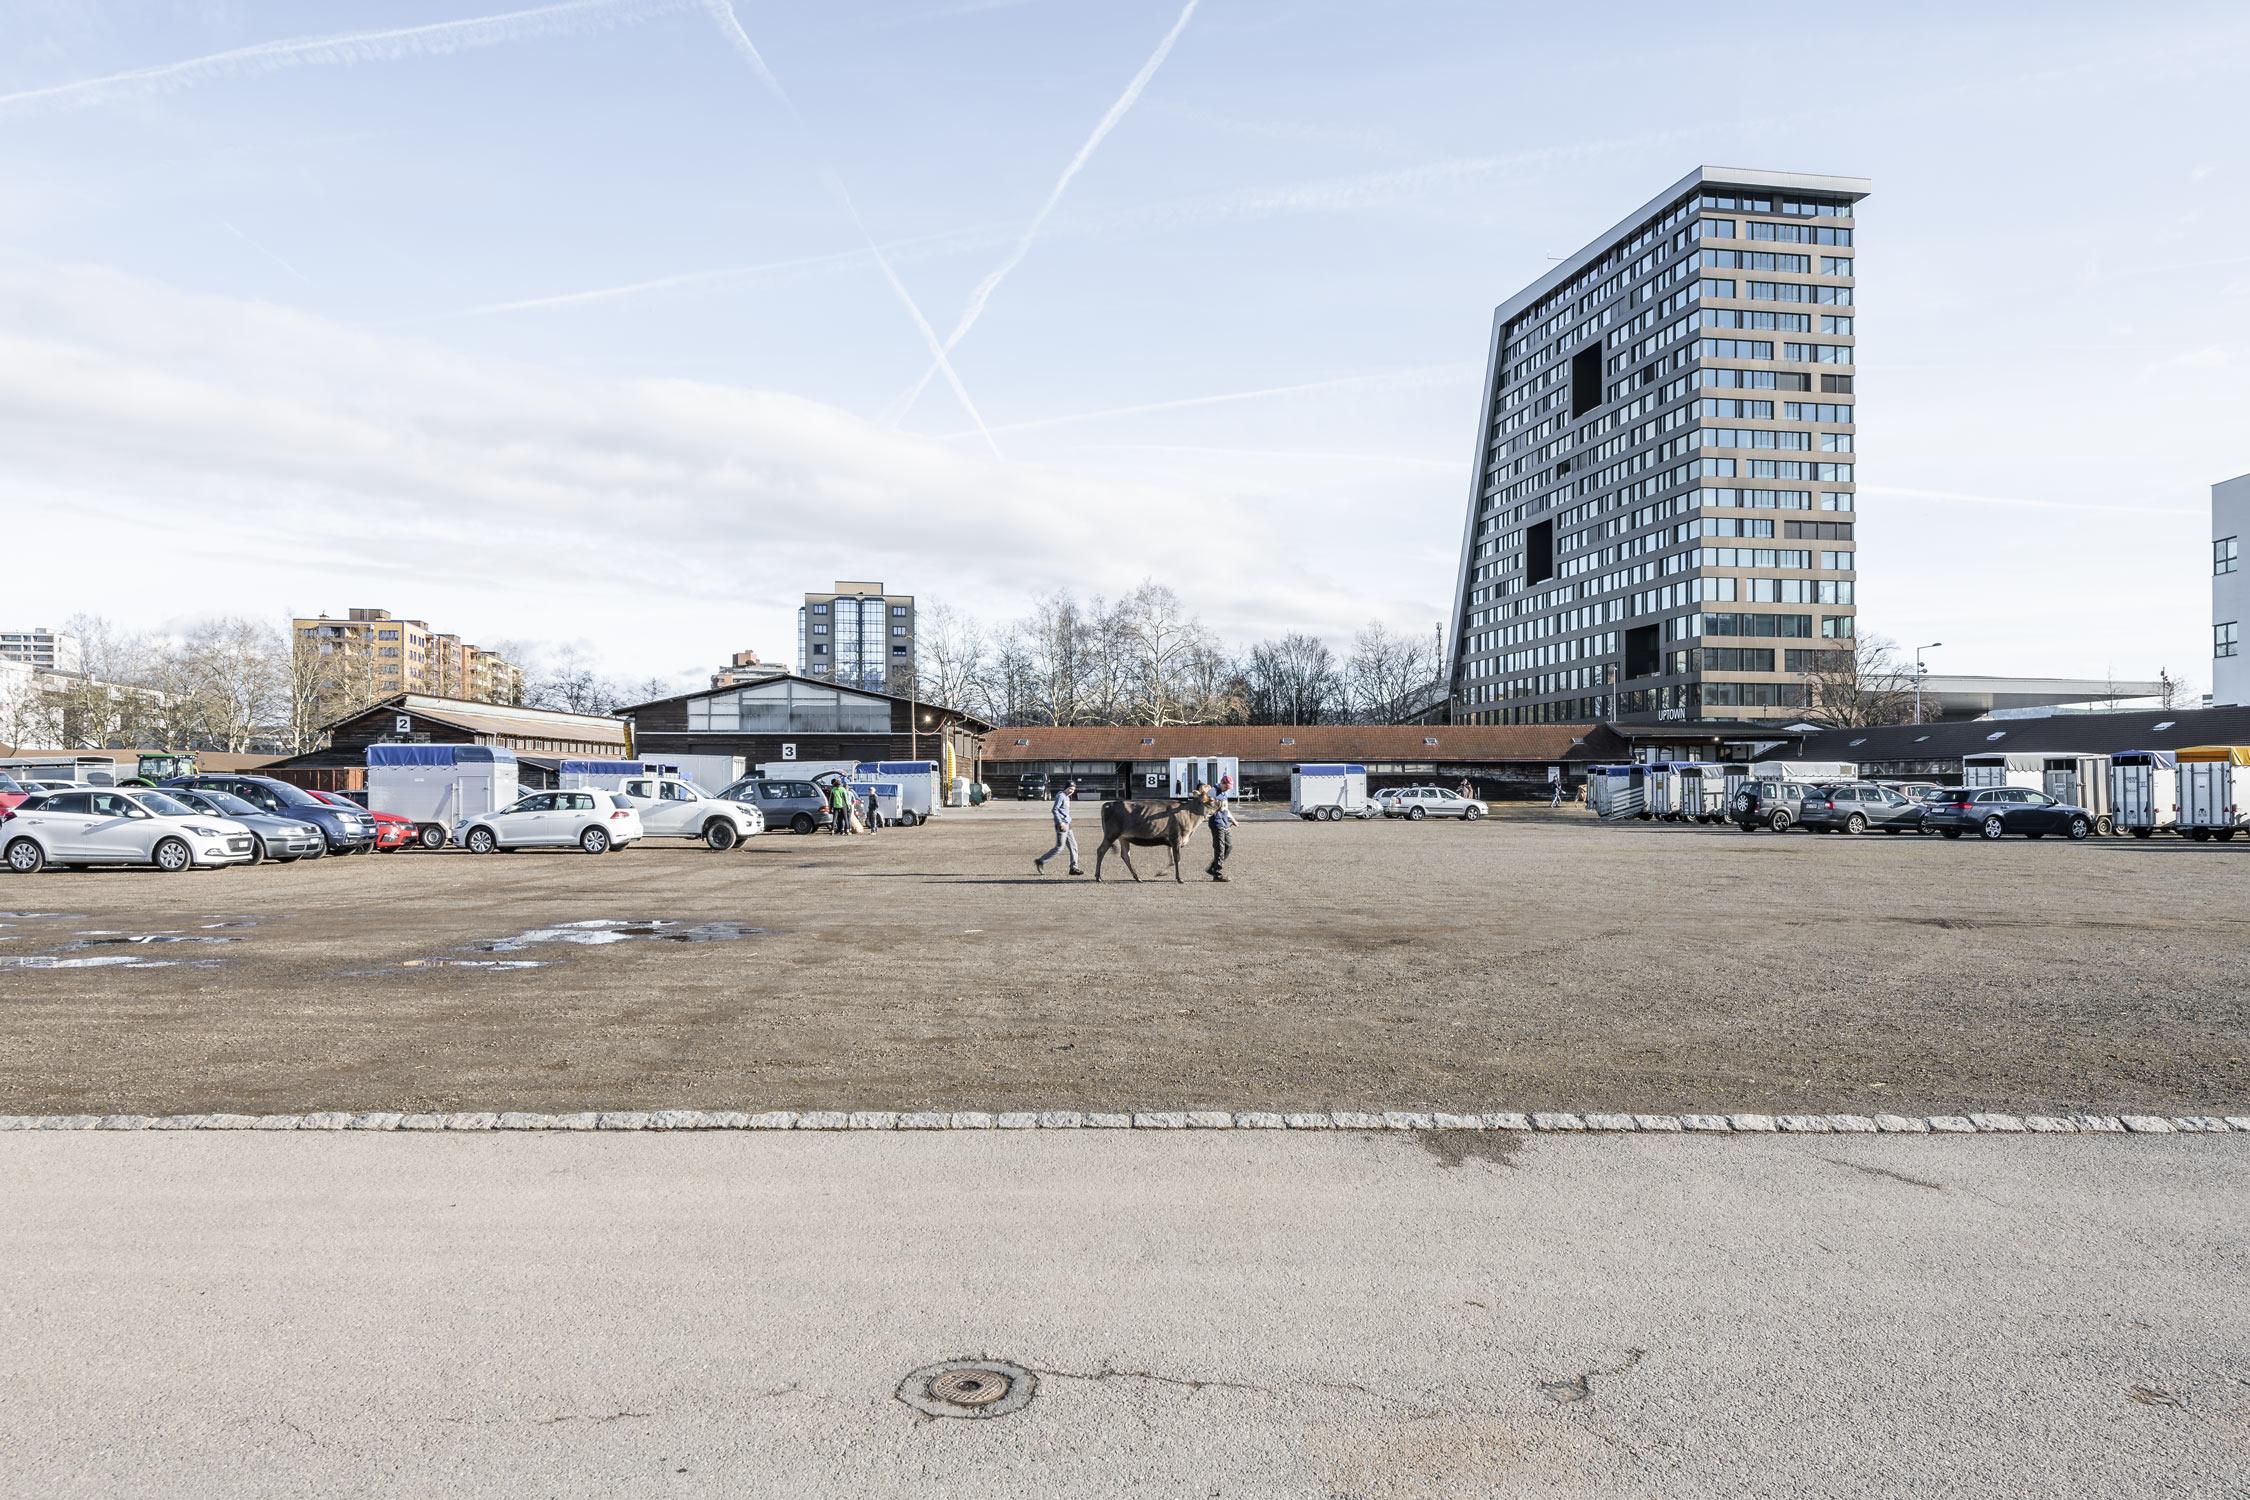 Stierenmarktplatz in Zug fotografiert von Regine Giesecke